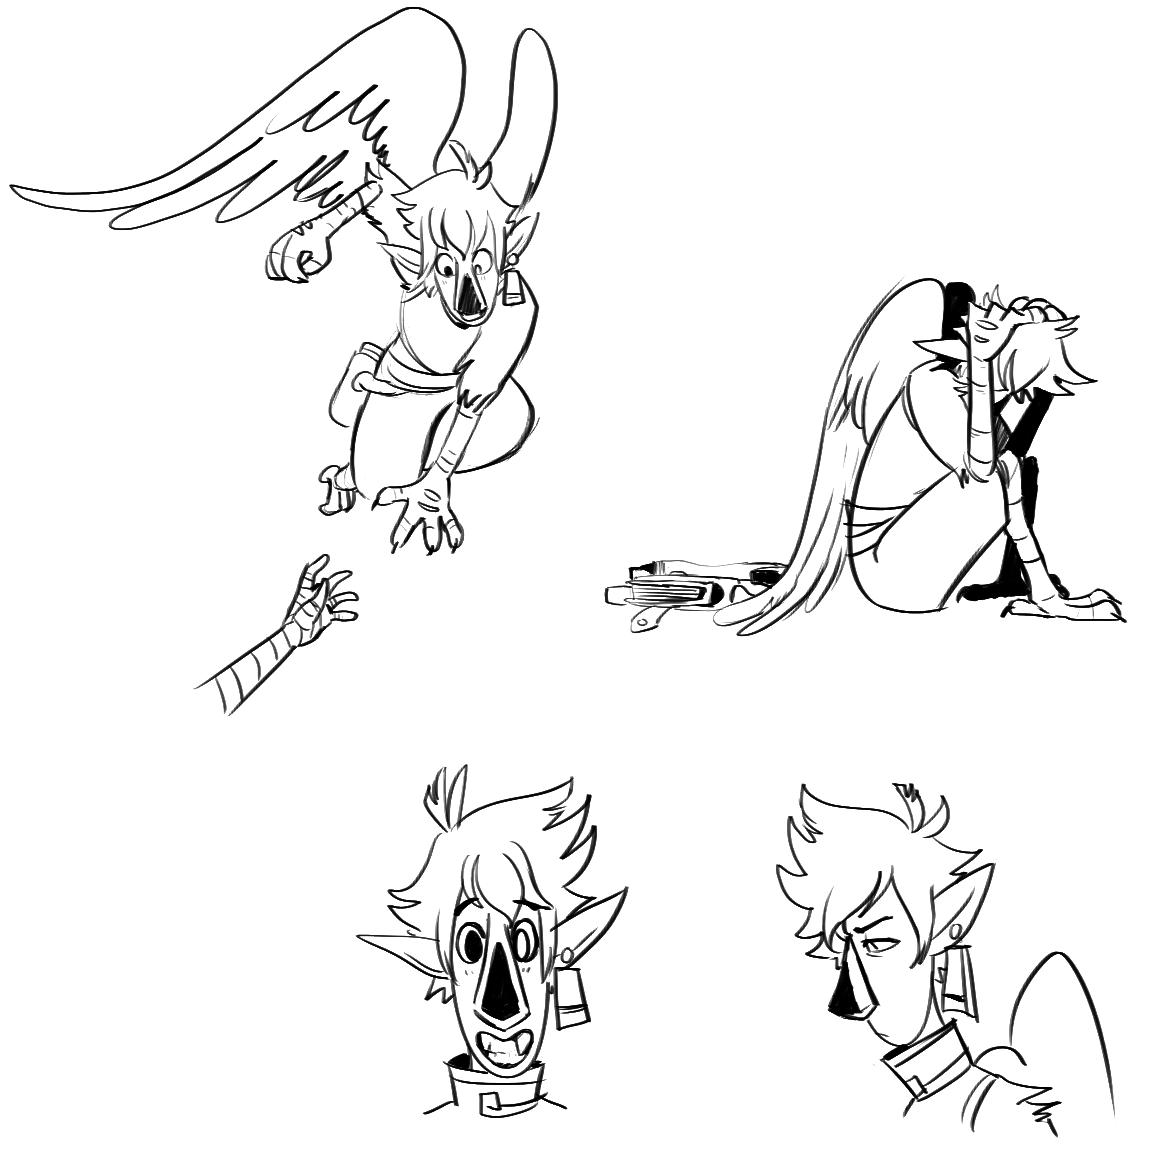 Vernon sketches